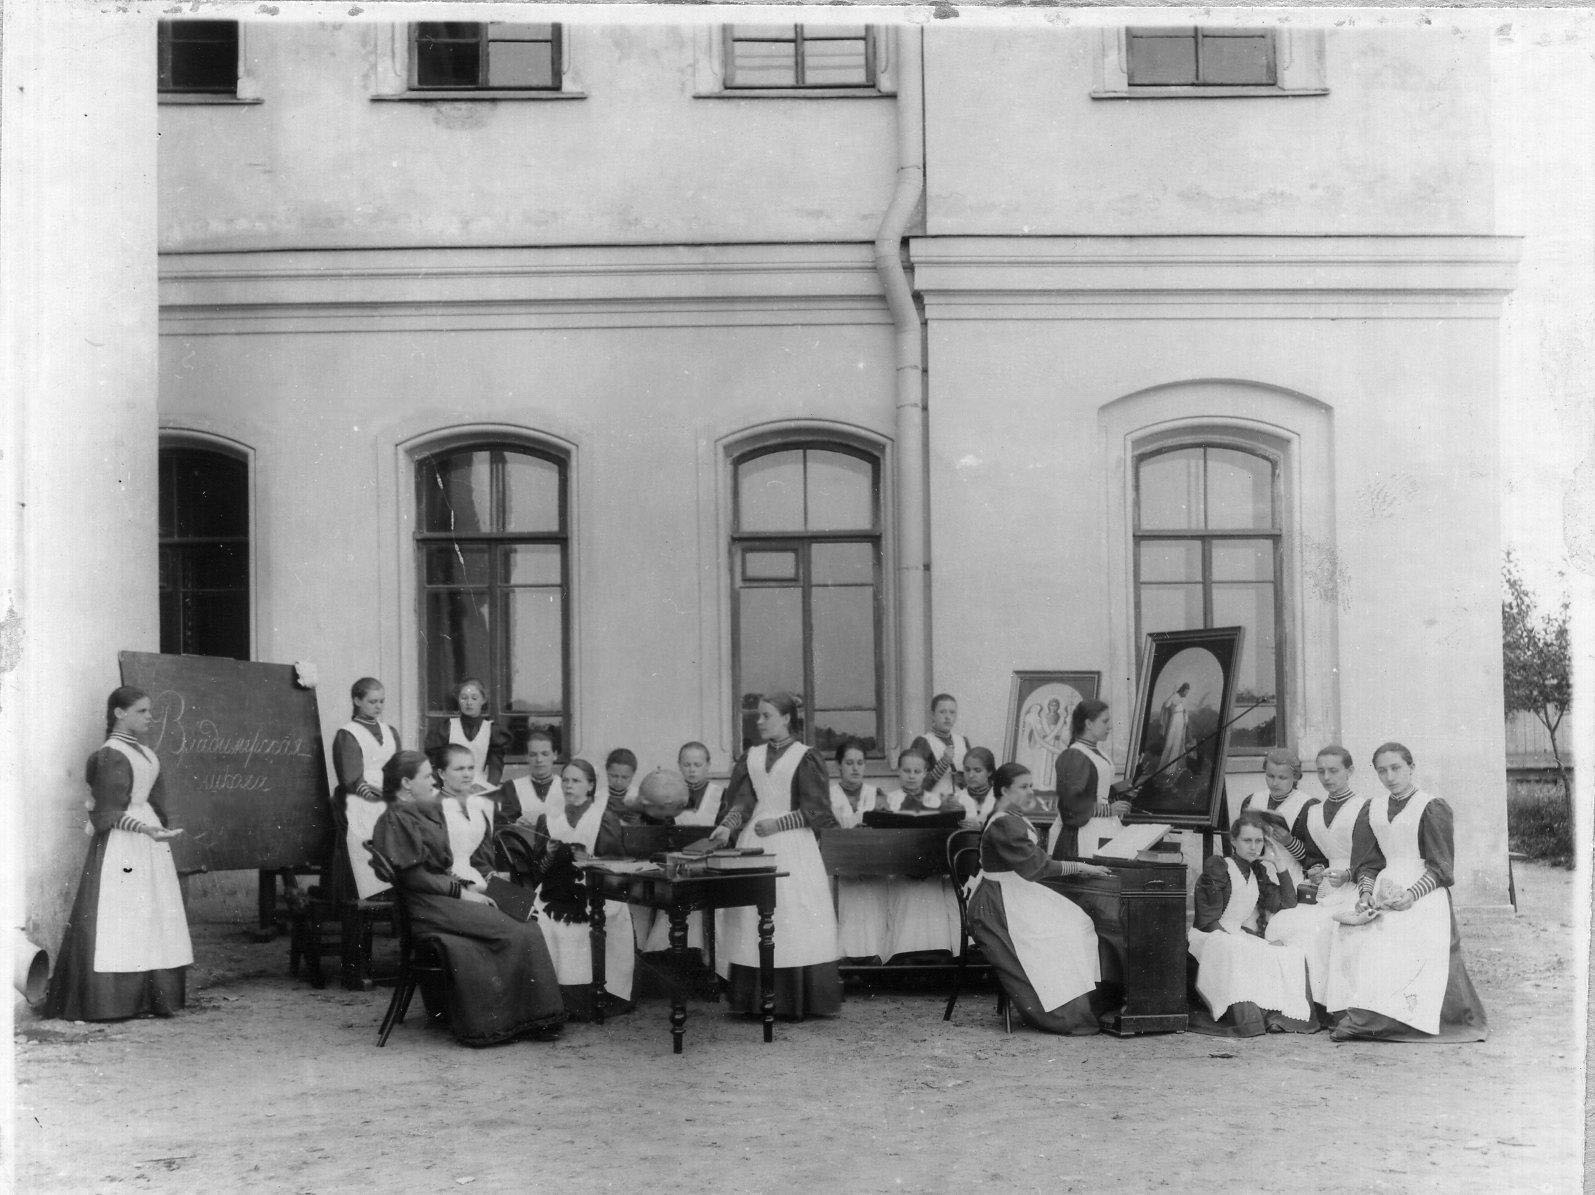 1909. Классное занятие группа учащихся у здания Свято-Владимирской школы